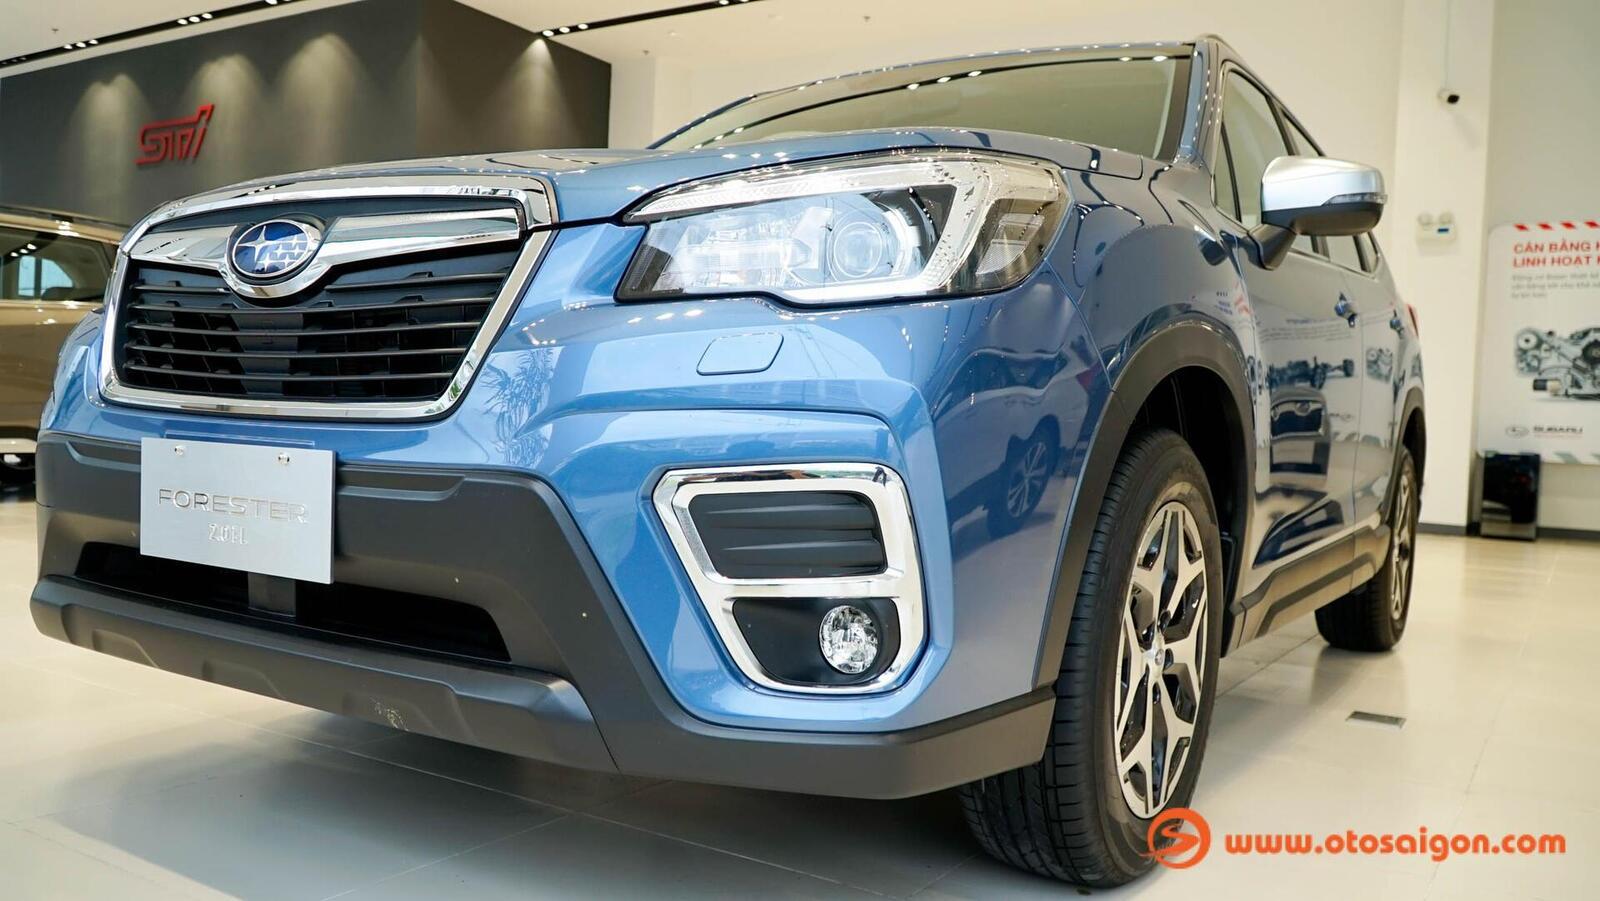 Đánh giá nhanh Subaru Forester thế hệ mới và sự khác biệt giữa hai phiên bản - Hình 5